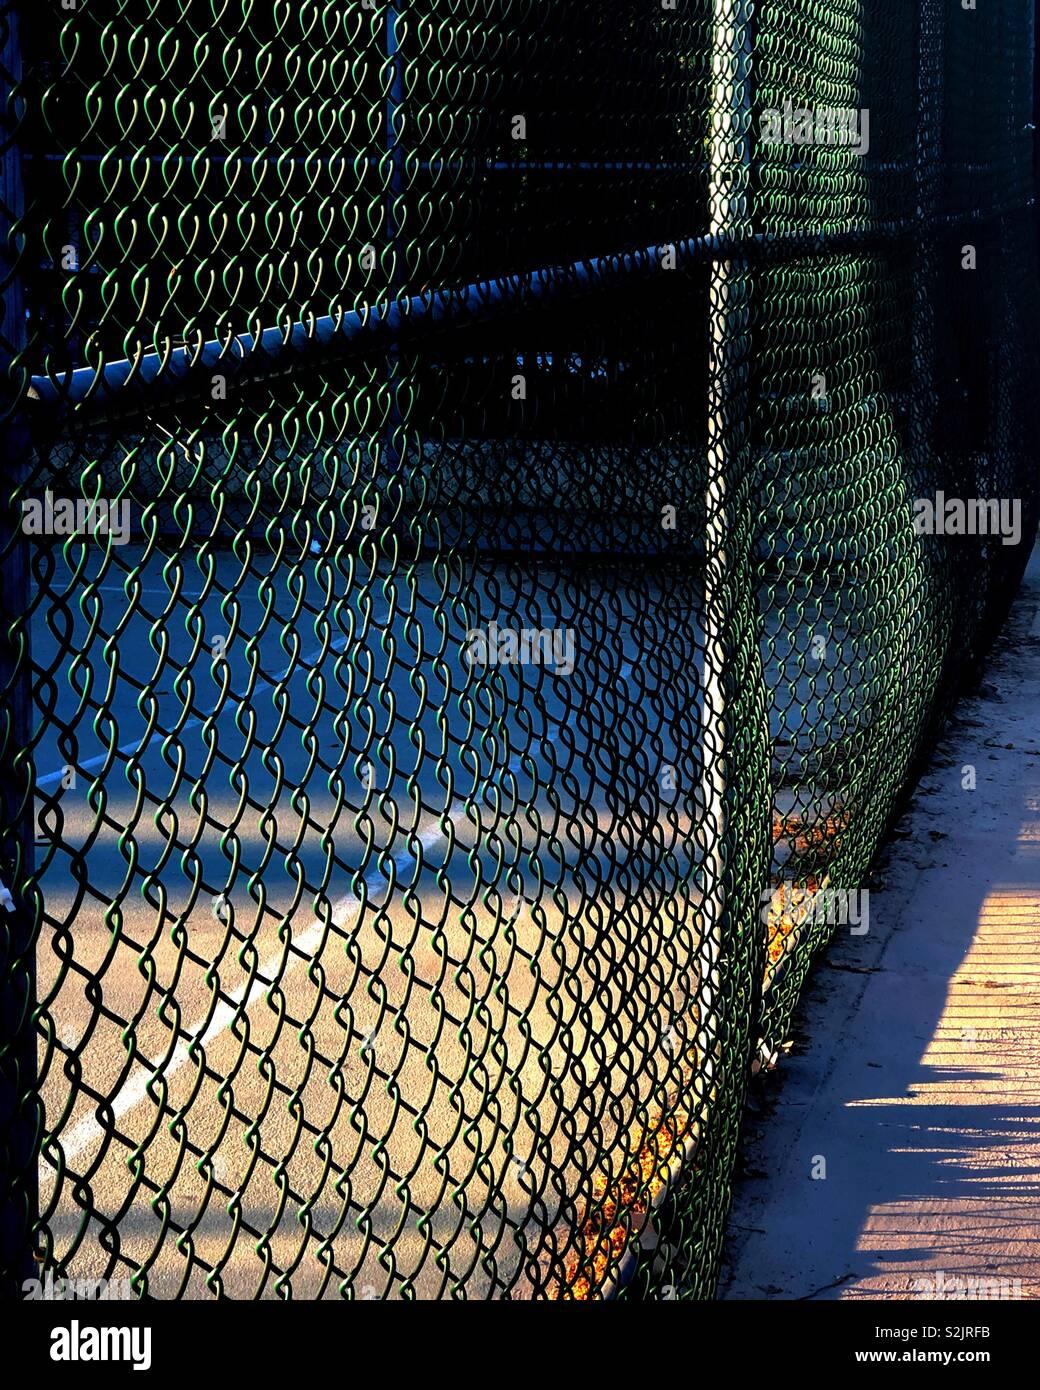 Amanecer proyecta sombras en una cancha de baloncesto y la valla que lo rodea Foto de stock